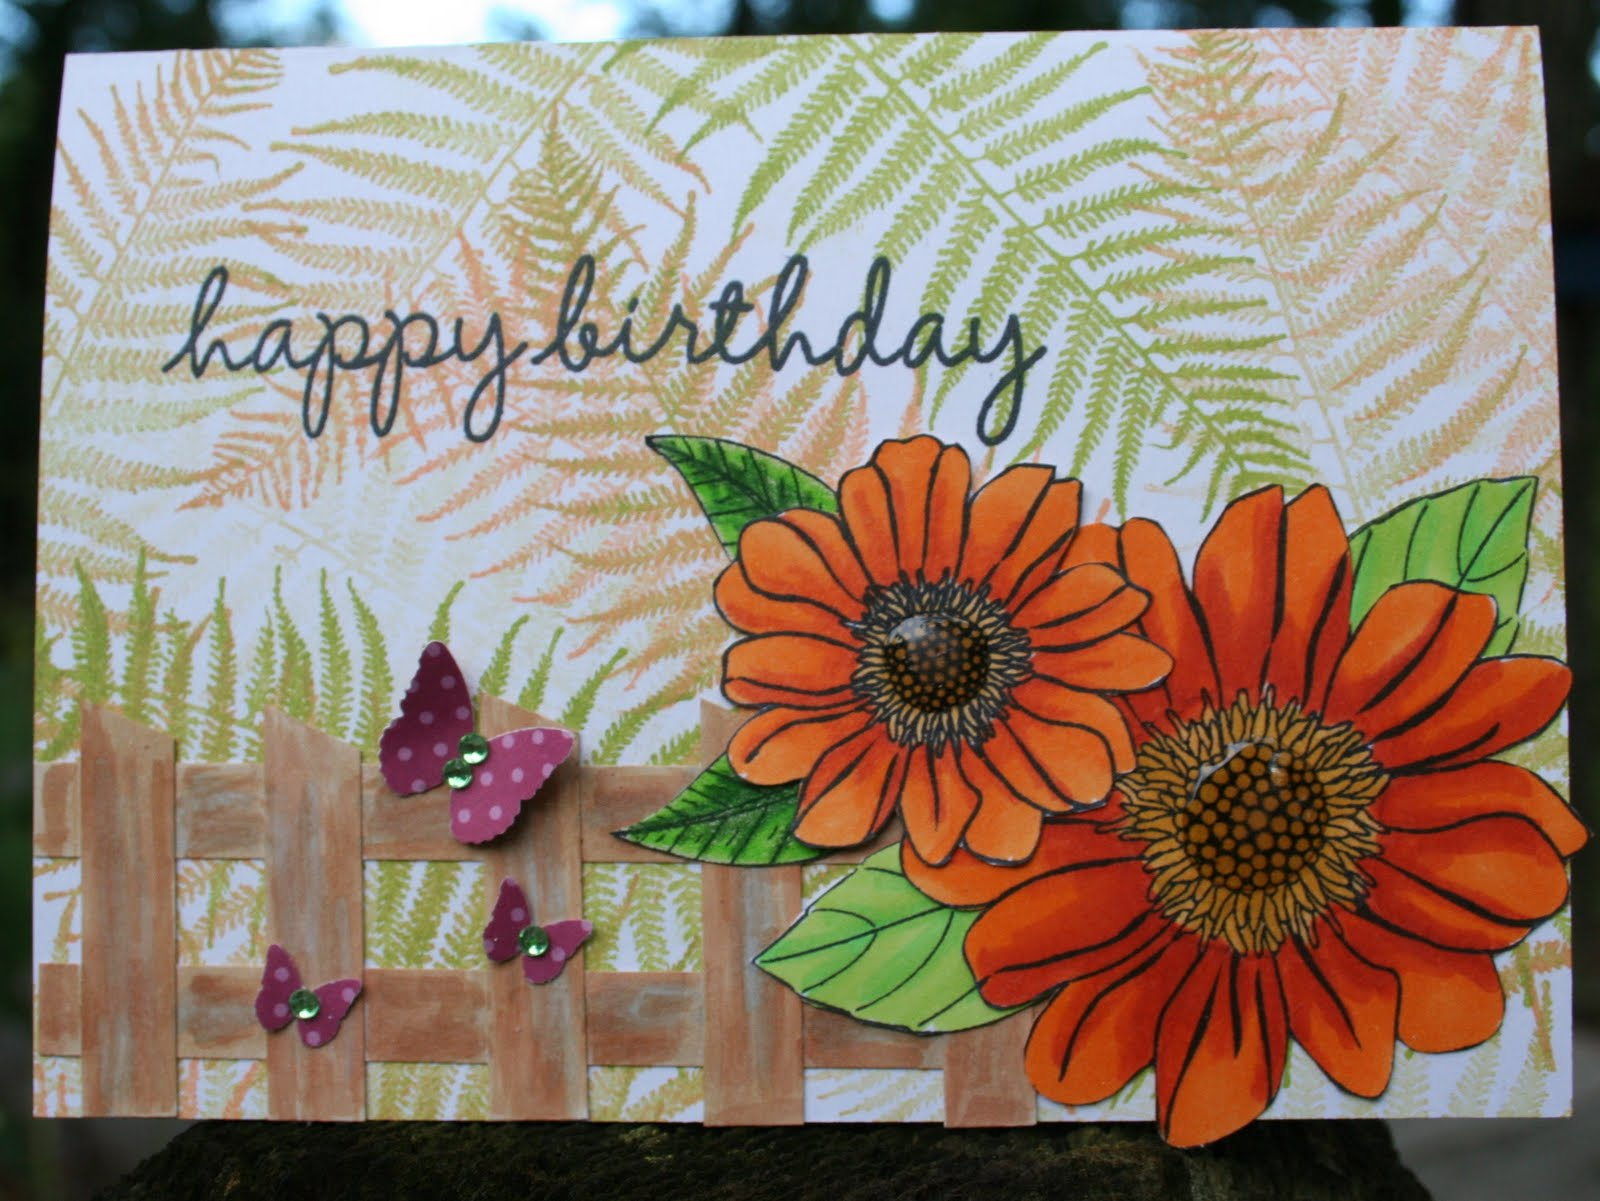 Happy birthday fall colors happy birthday flowers pictures photos happy birthday fall colors download izmirmasajfo